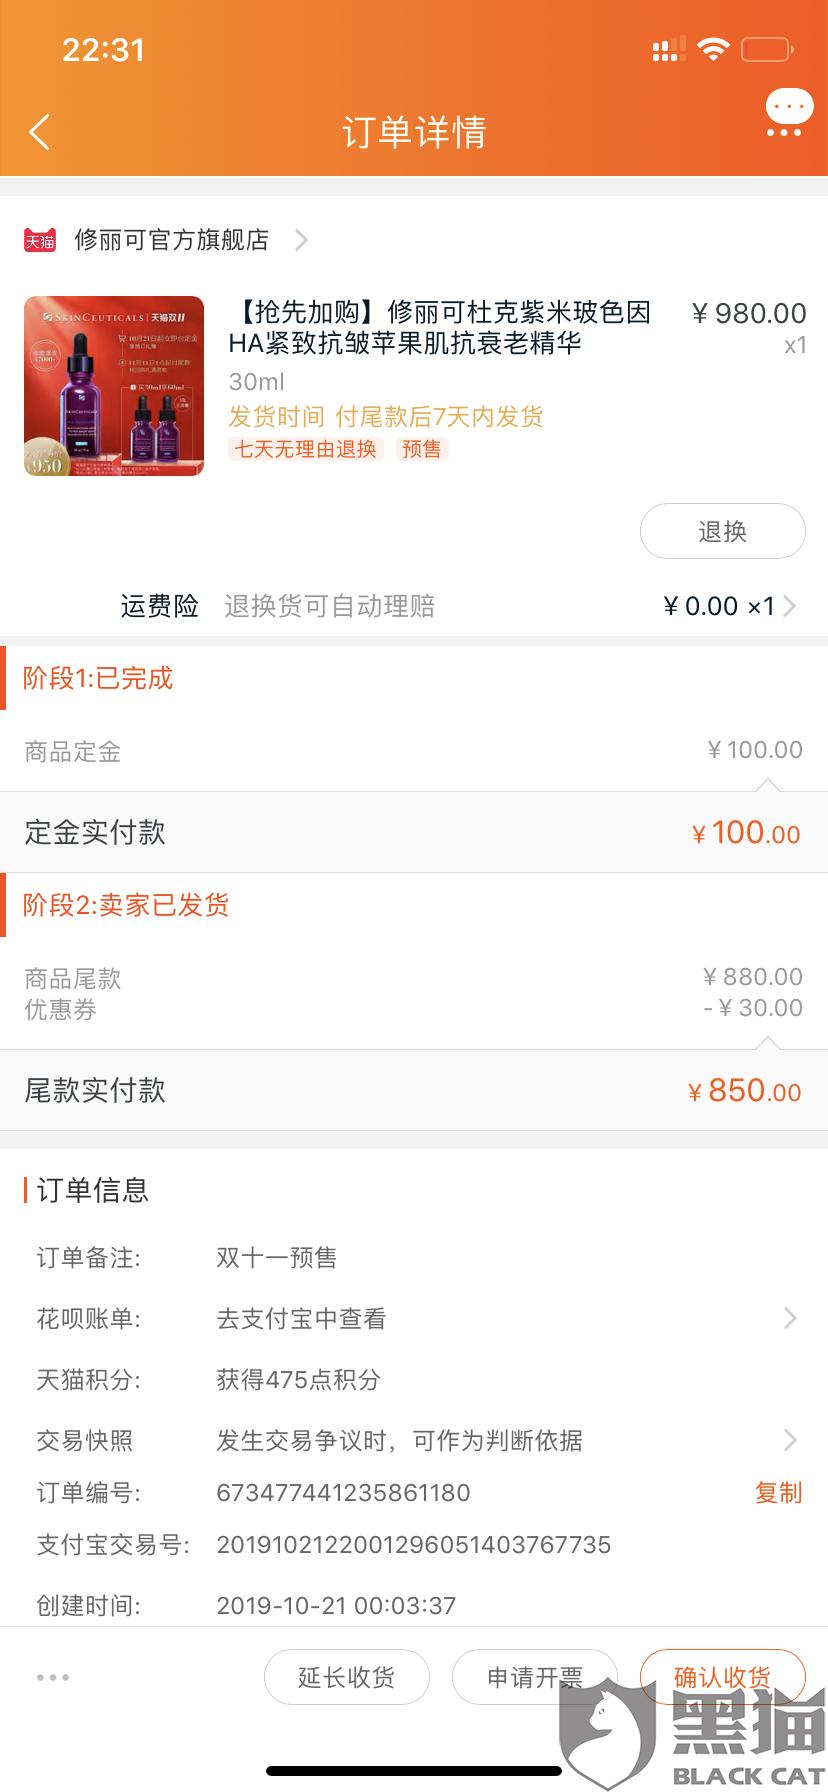 黑猫投诉:天猫修丽可旗舰店紫米预售虚假宣传